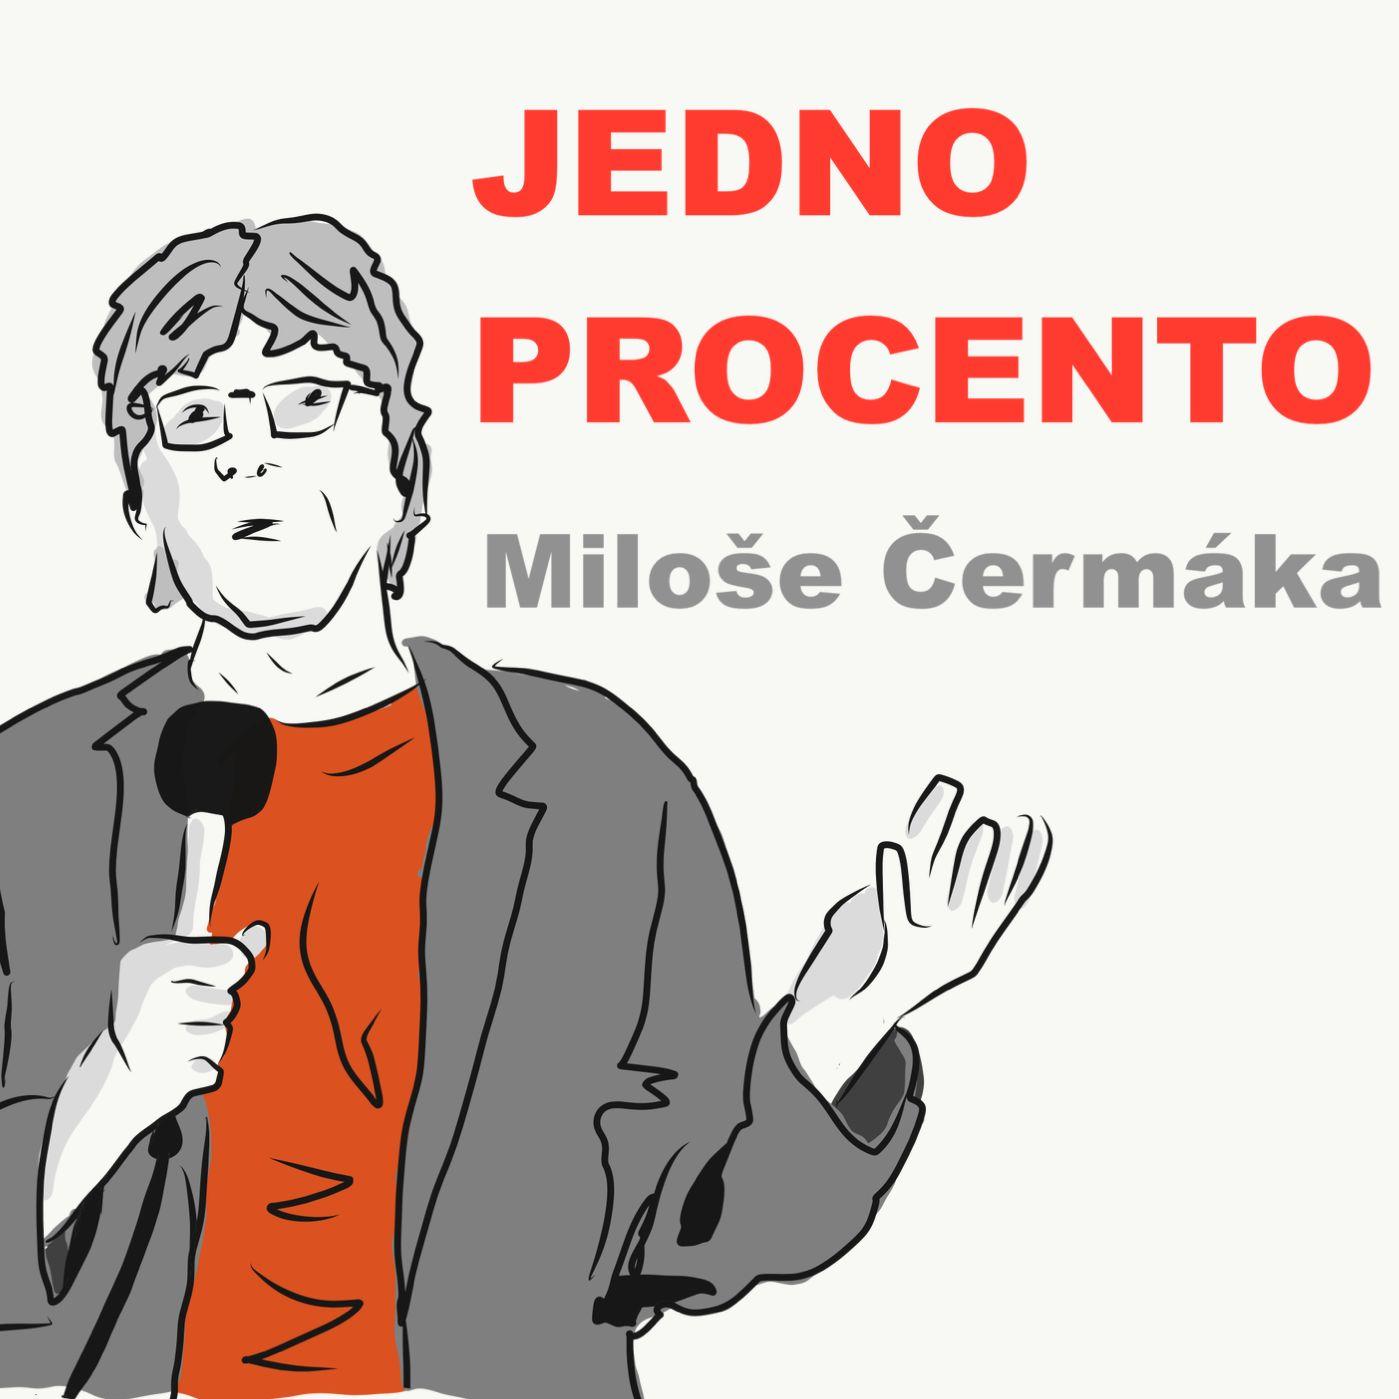 ... s Jiřím Fabiánem (11)